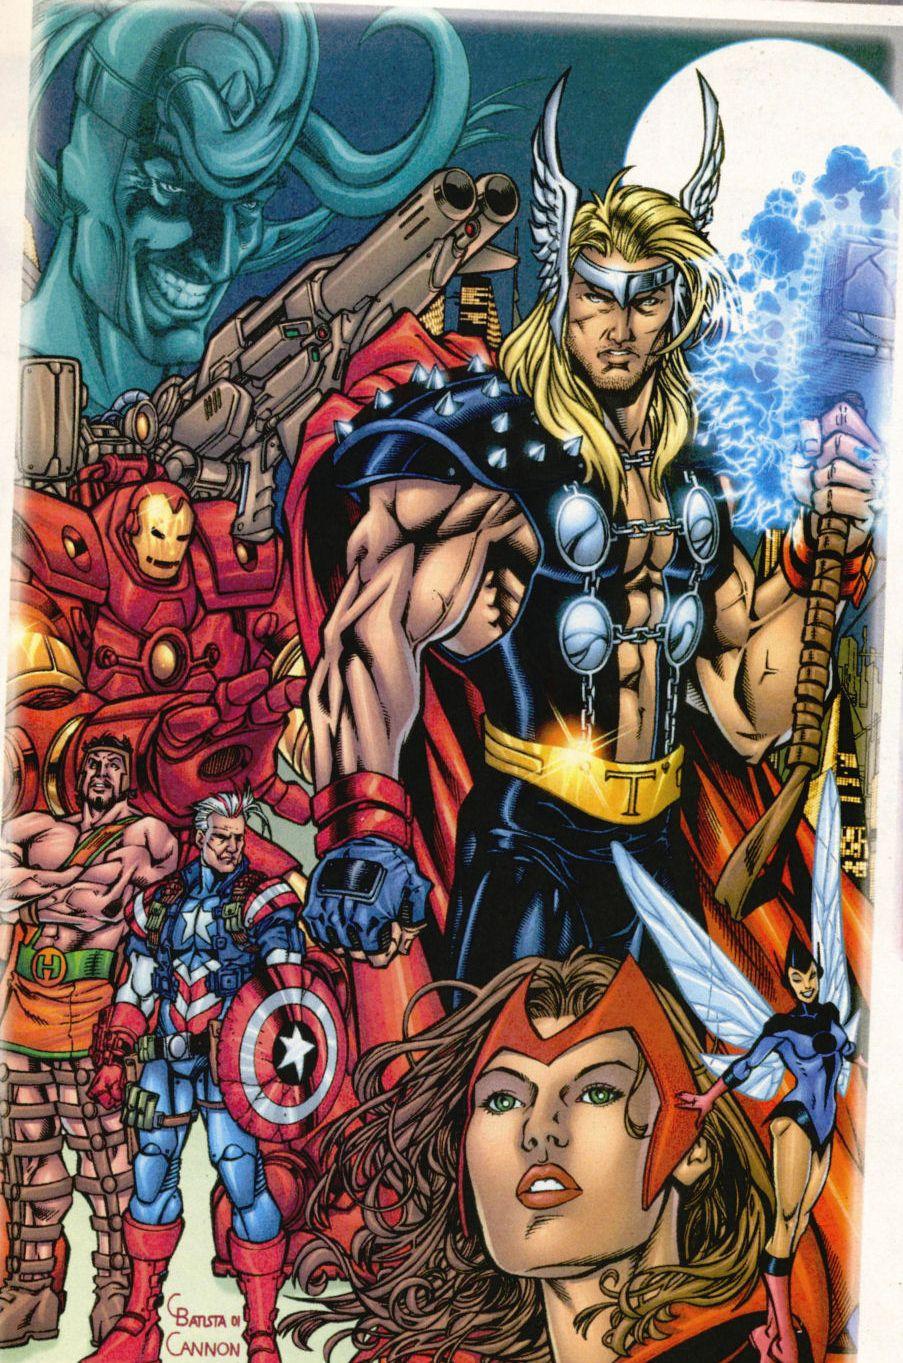 Avengers (Earth-8710)